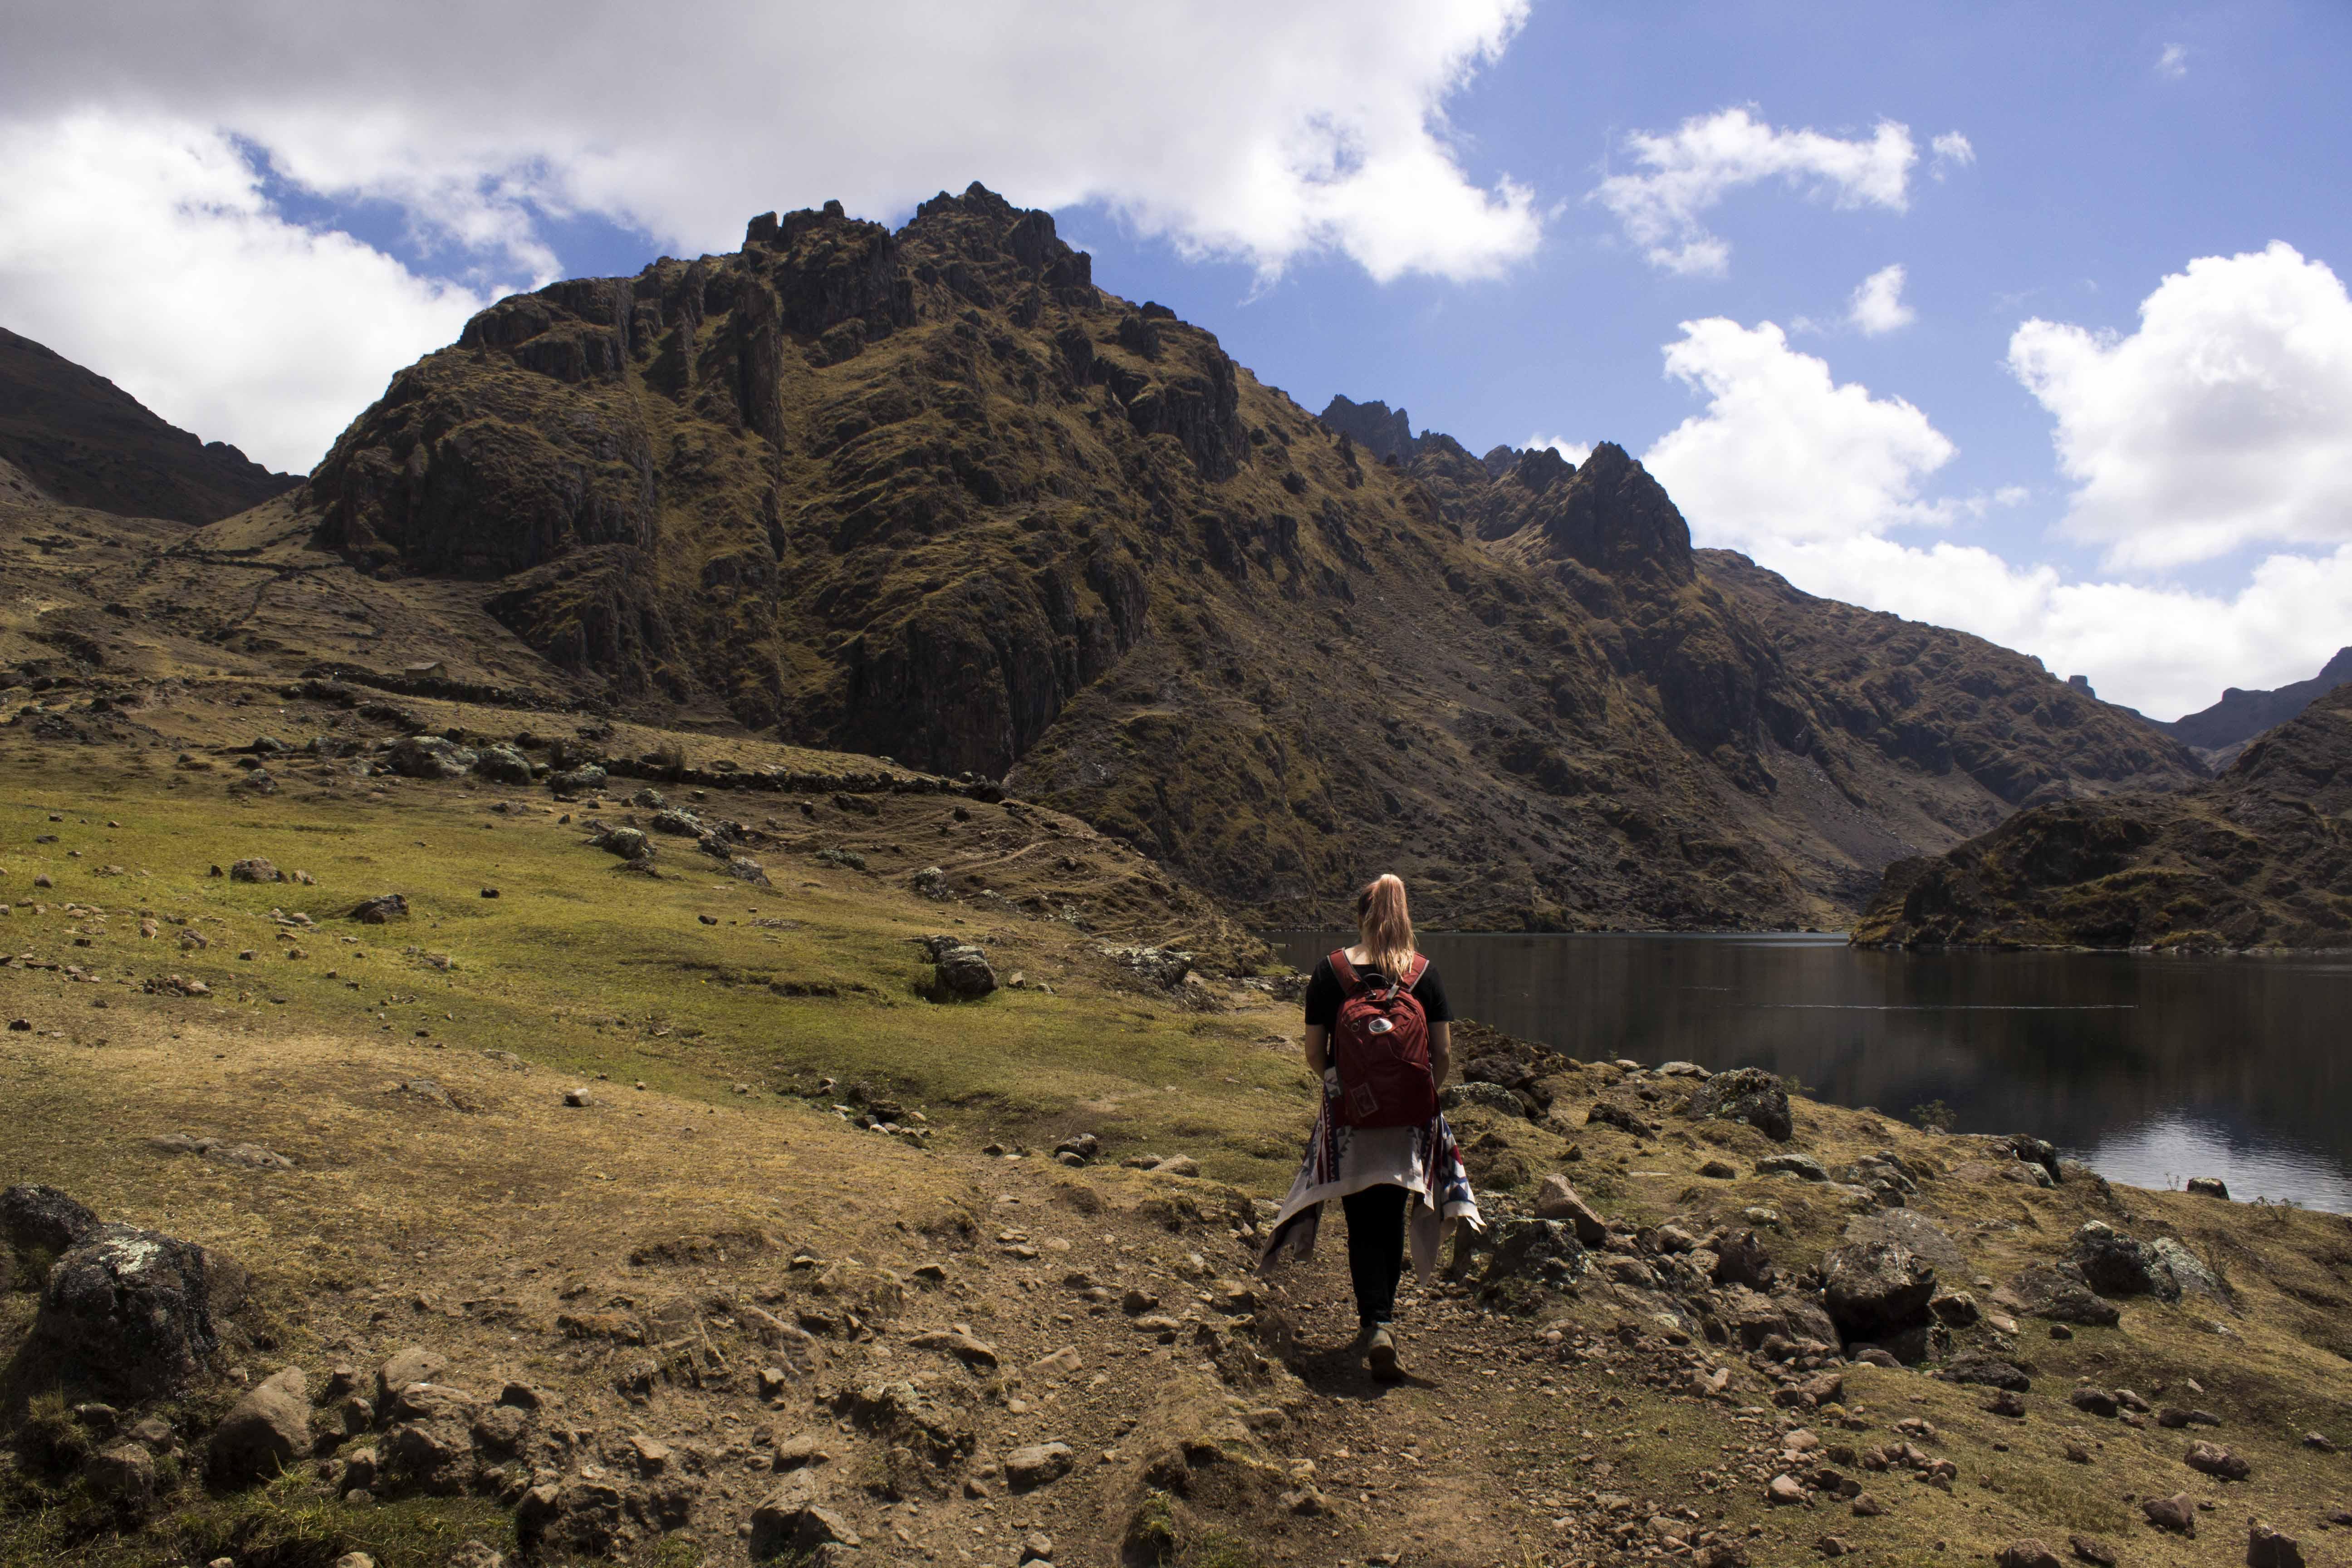 Kinsa Cocha hike